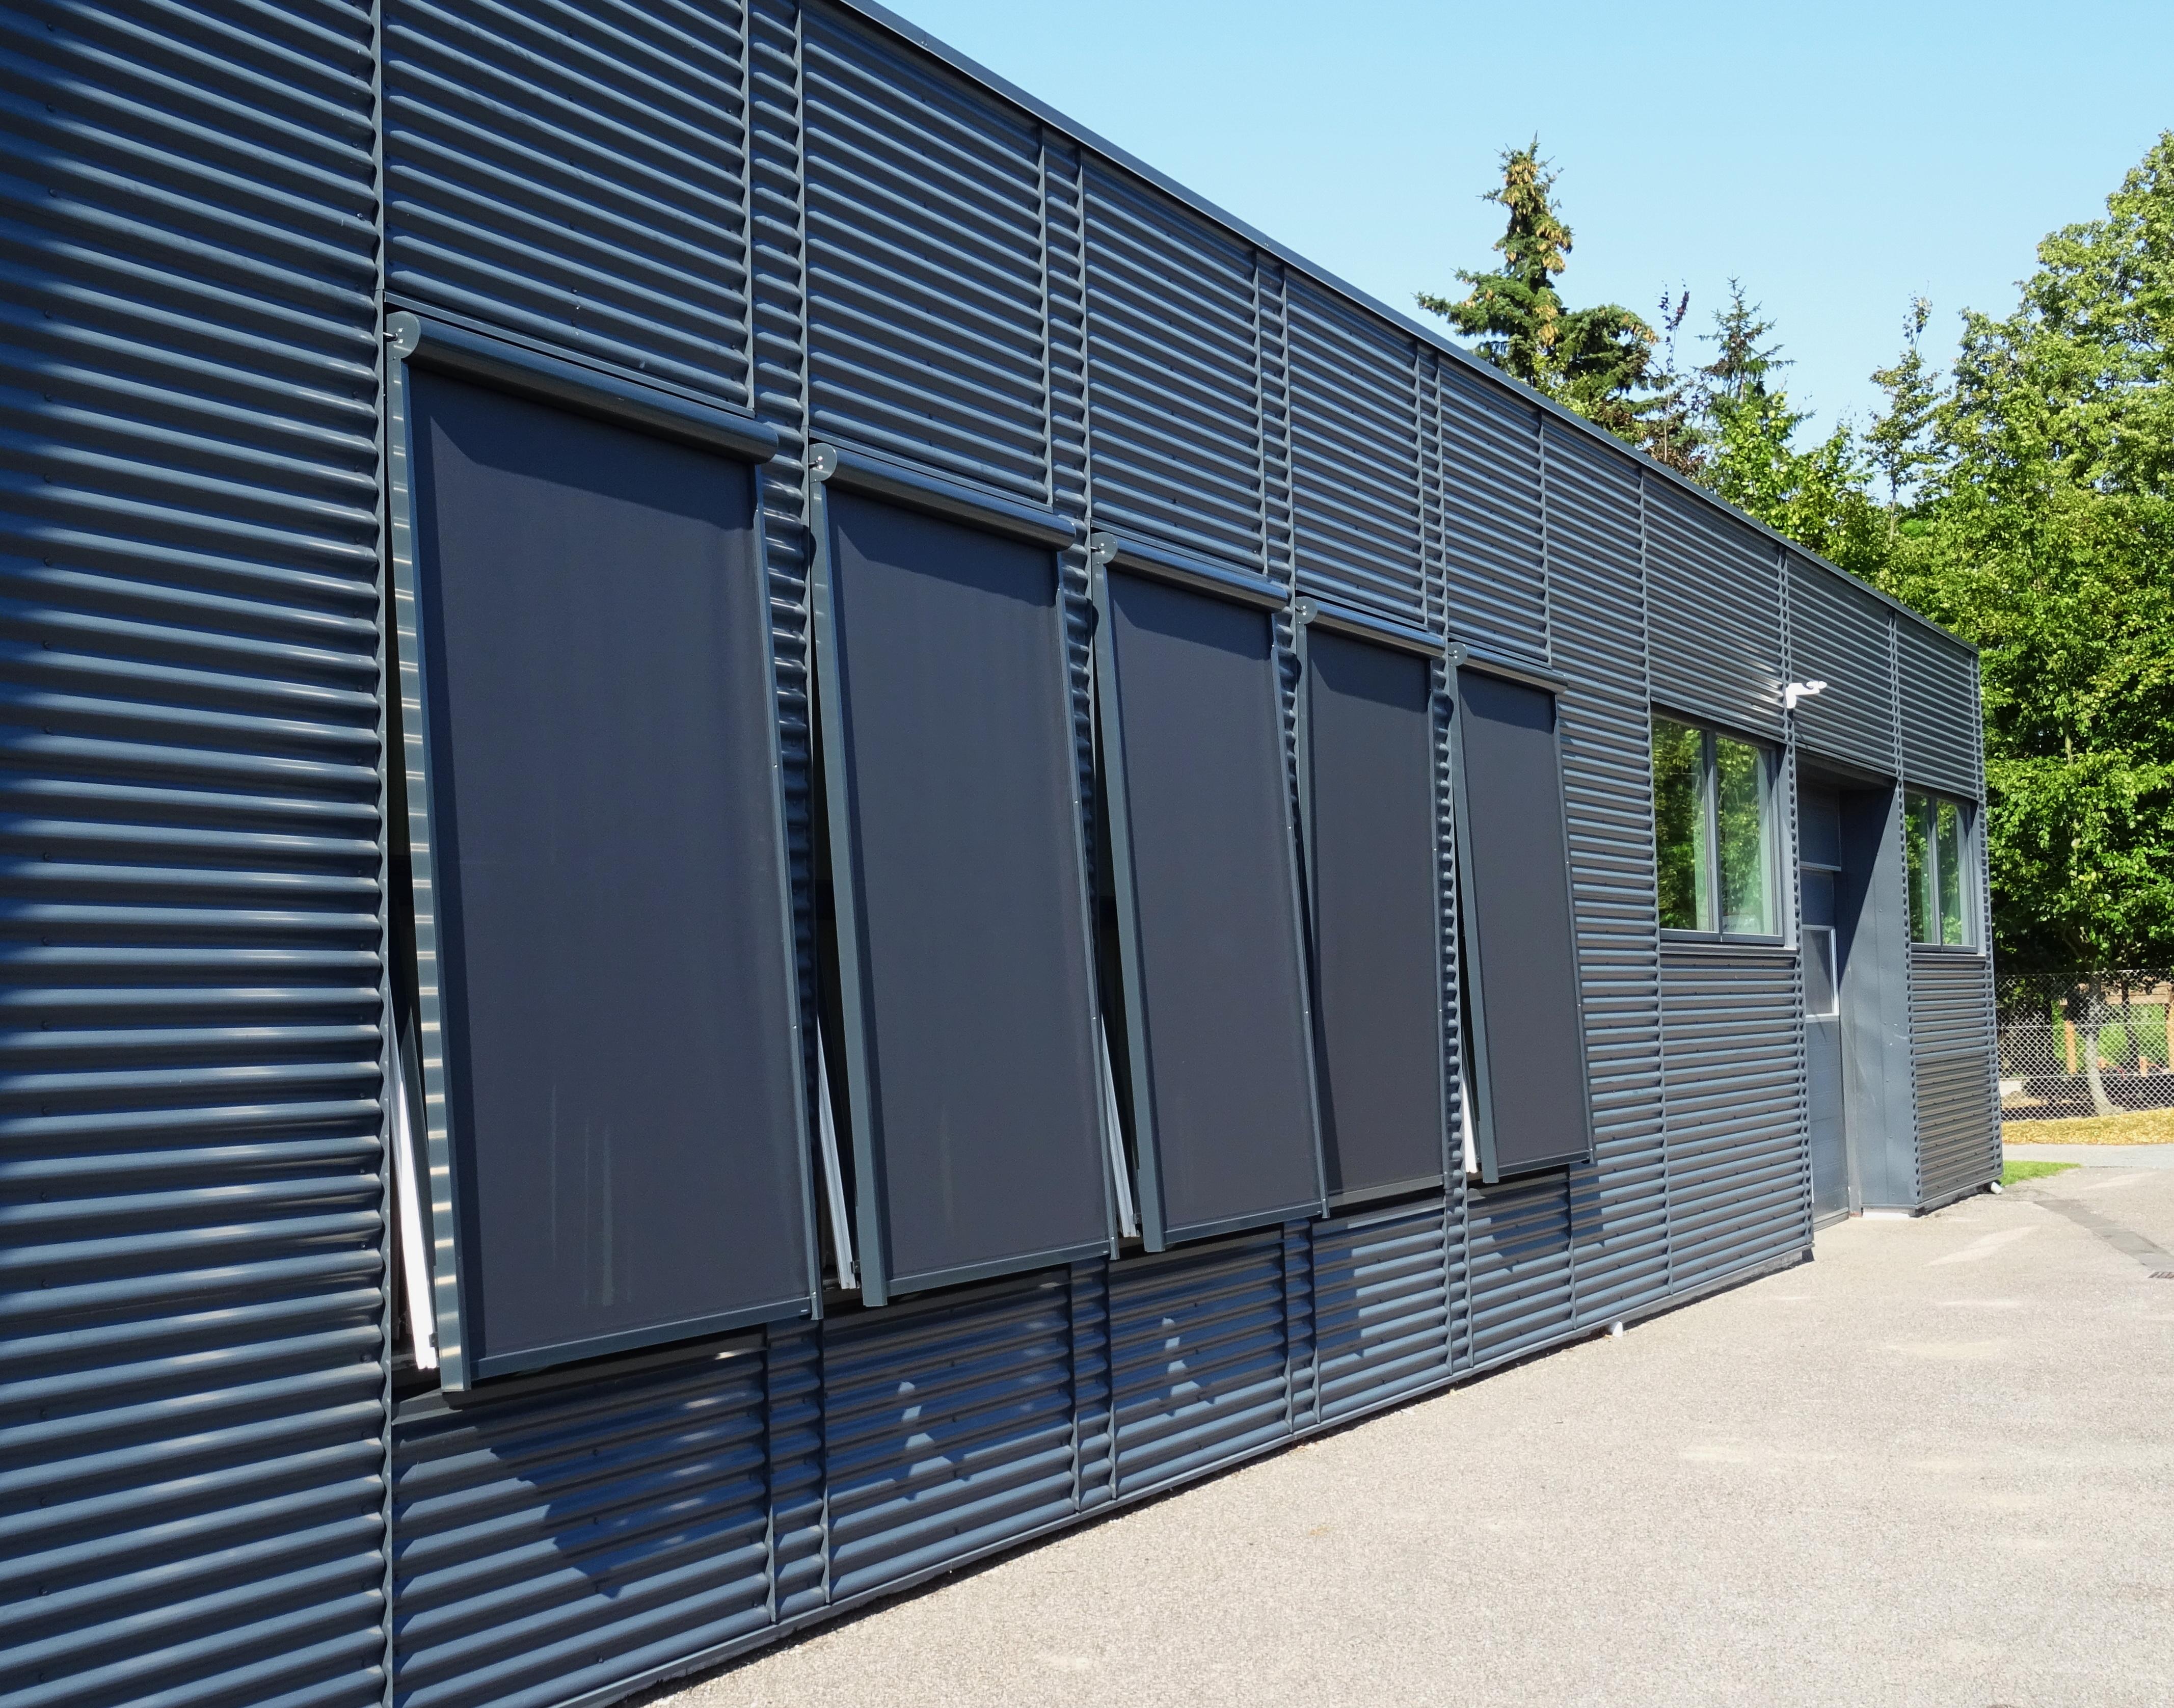 solafskærmning Styring af solafskærmning er en kompleks udfordring   Building  solafskærmning